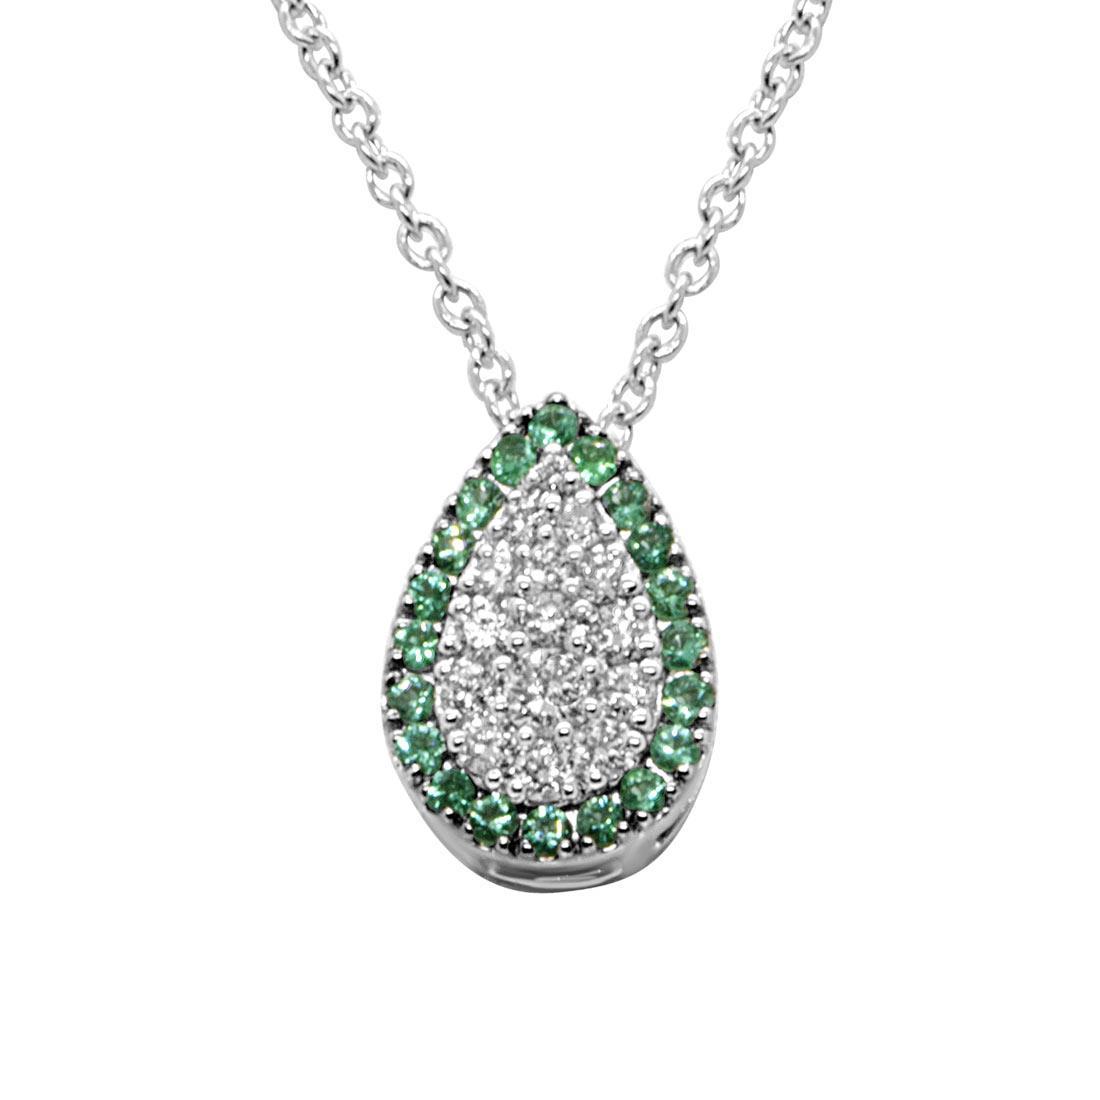 Collana Alfieri & St john con diamanti e smeraldi - ALFIERI ST JOHN